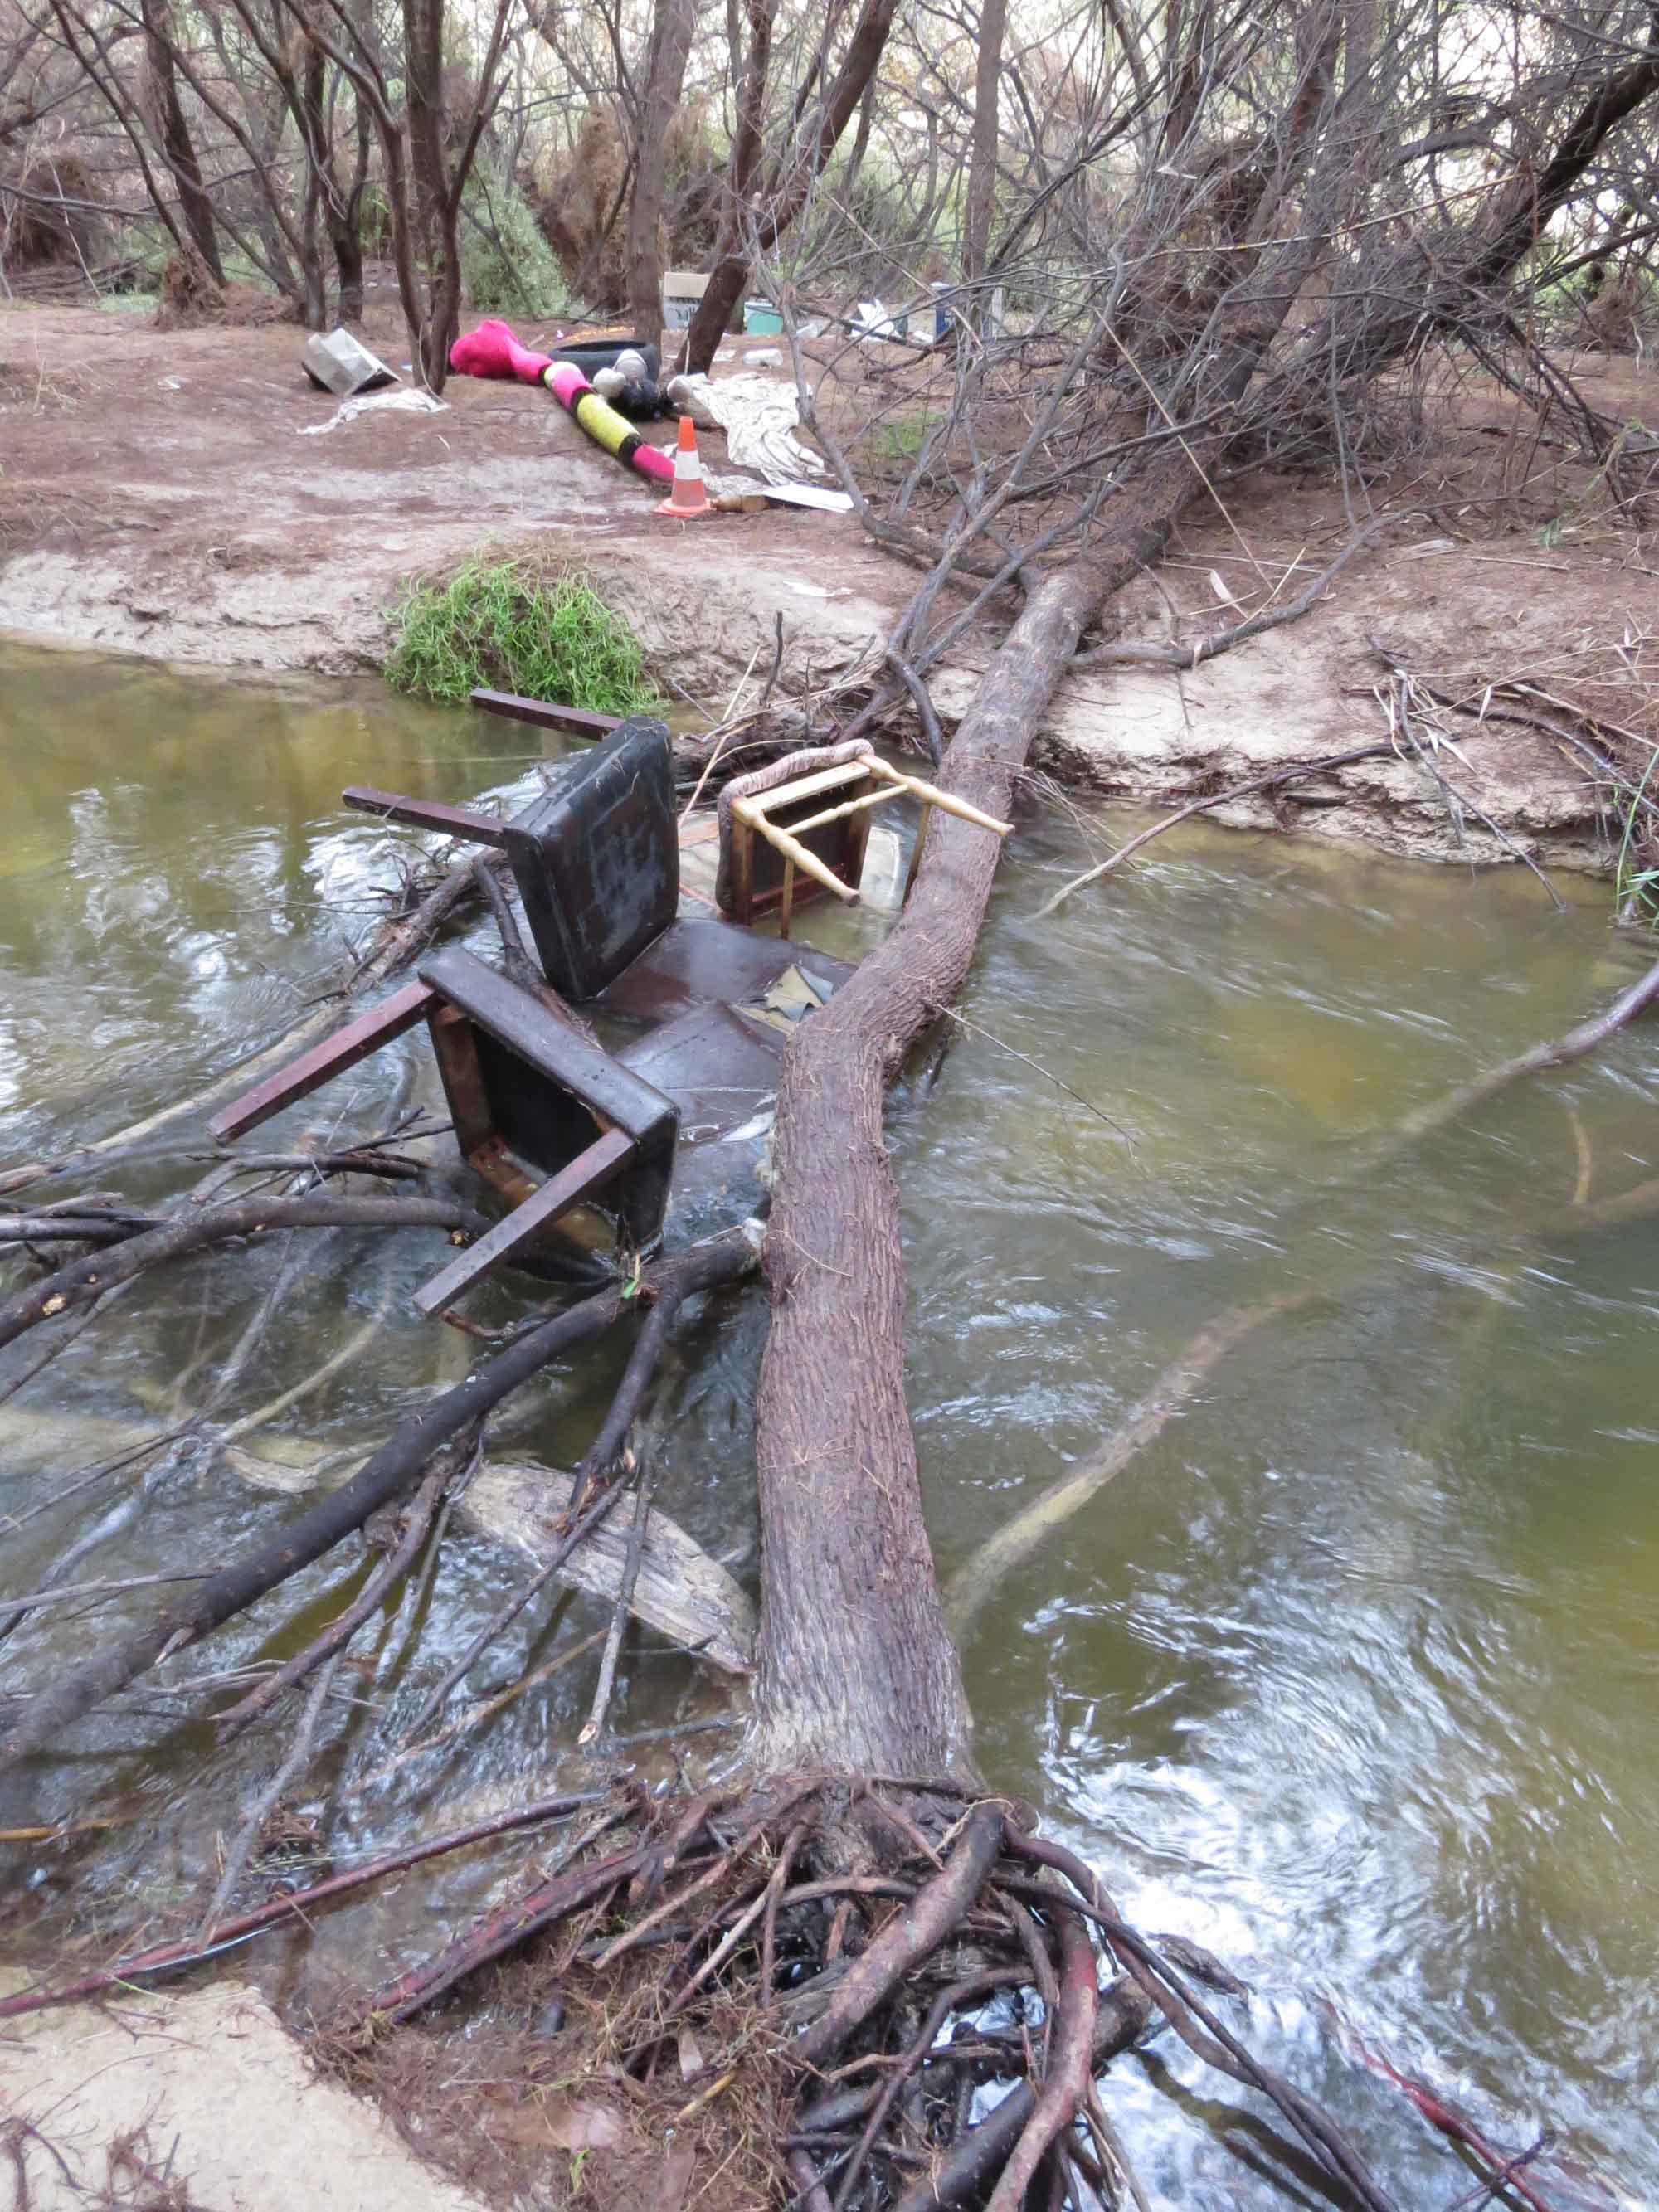 Basuras y un taray de gran tamaño derribado en el cauce del río